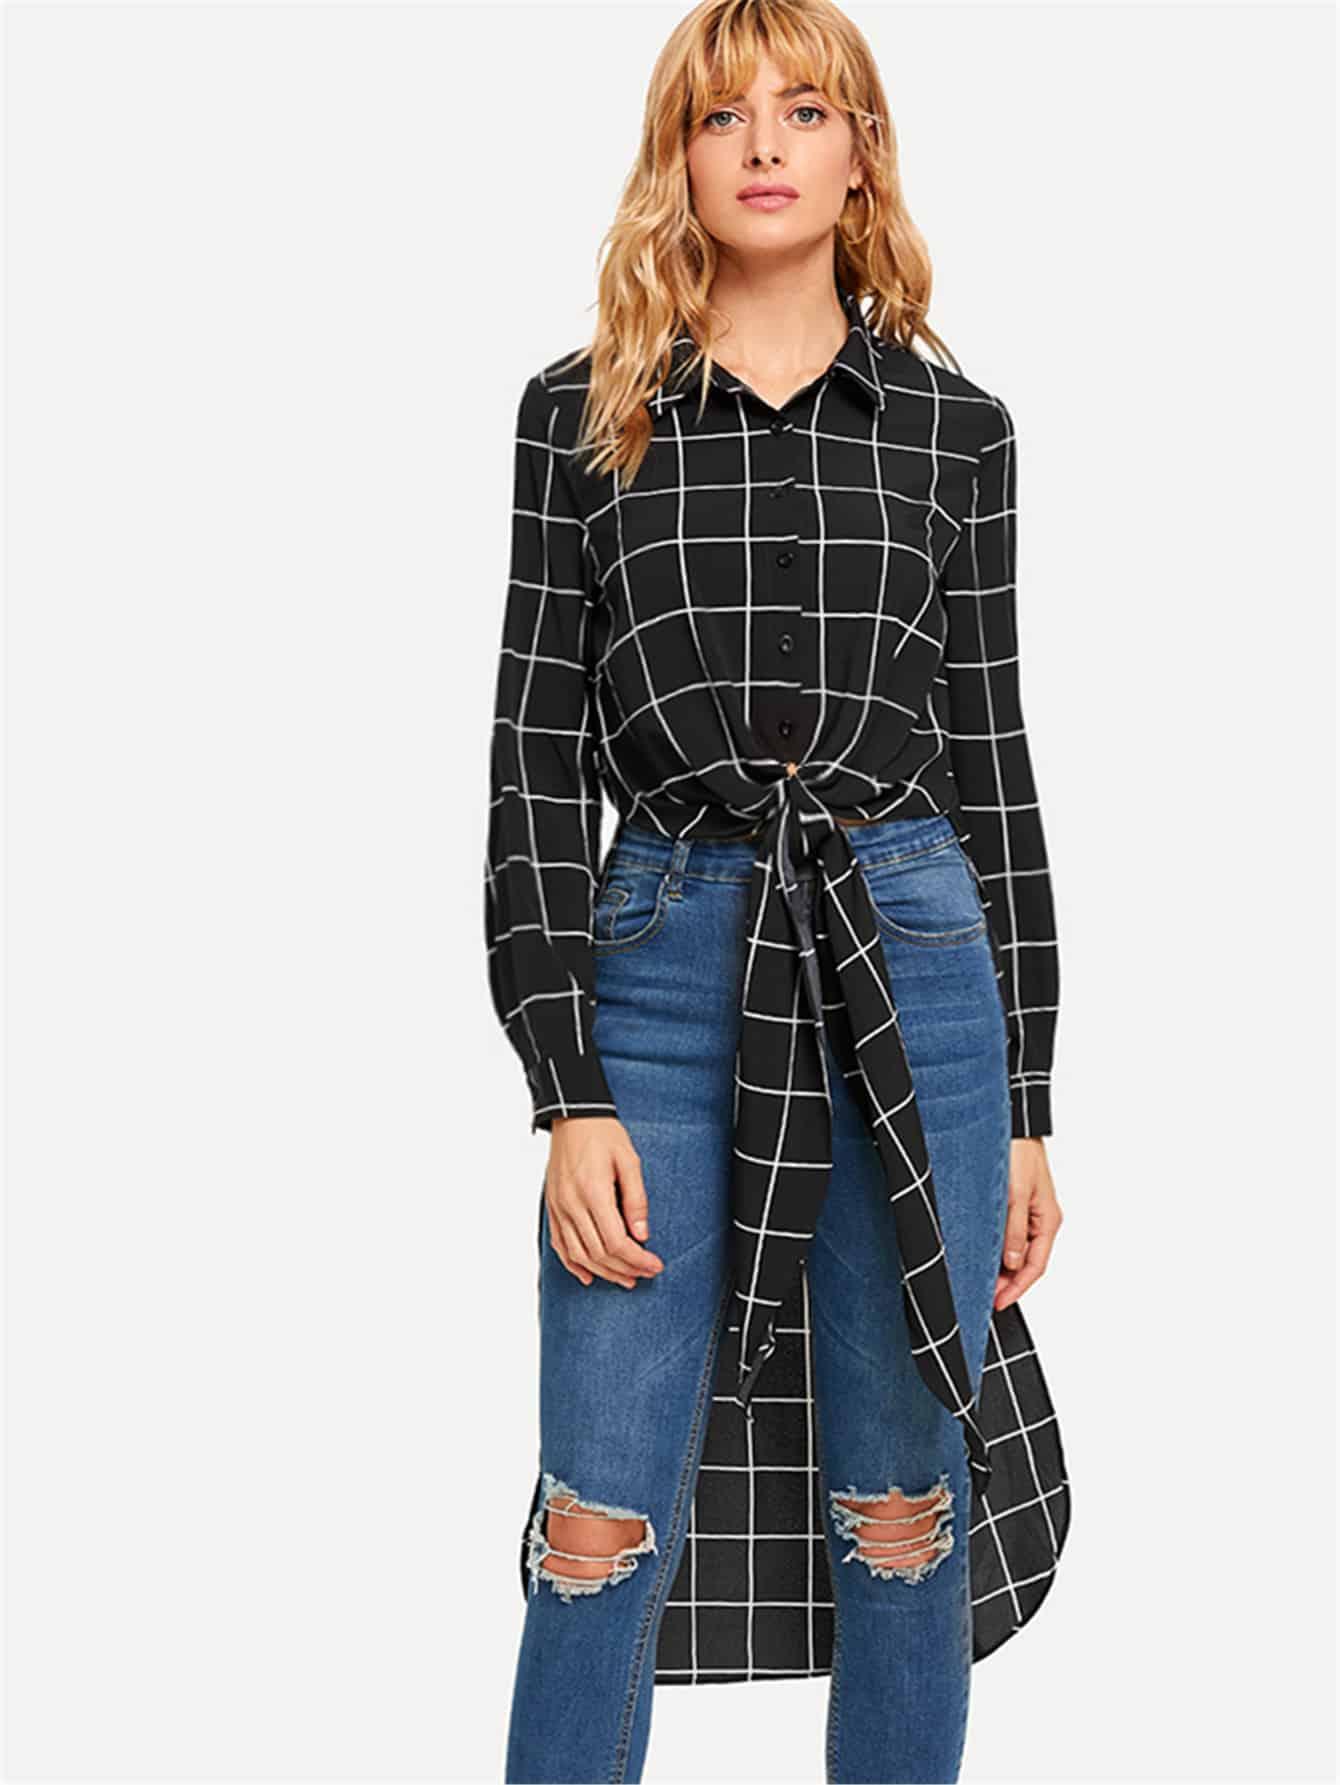 Купить Клетчатая блузка с украшением банта перед одежды, Masha, SheIn